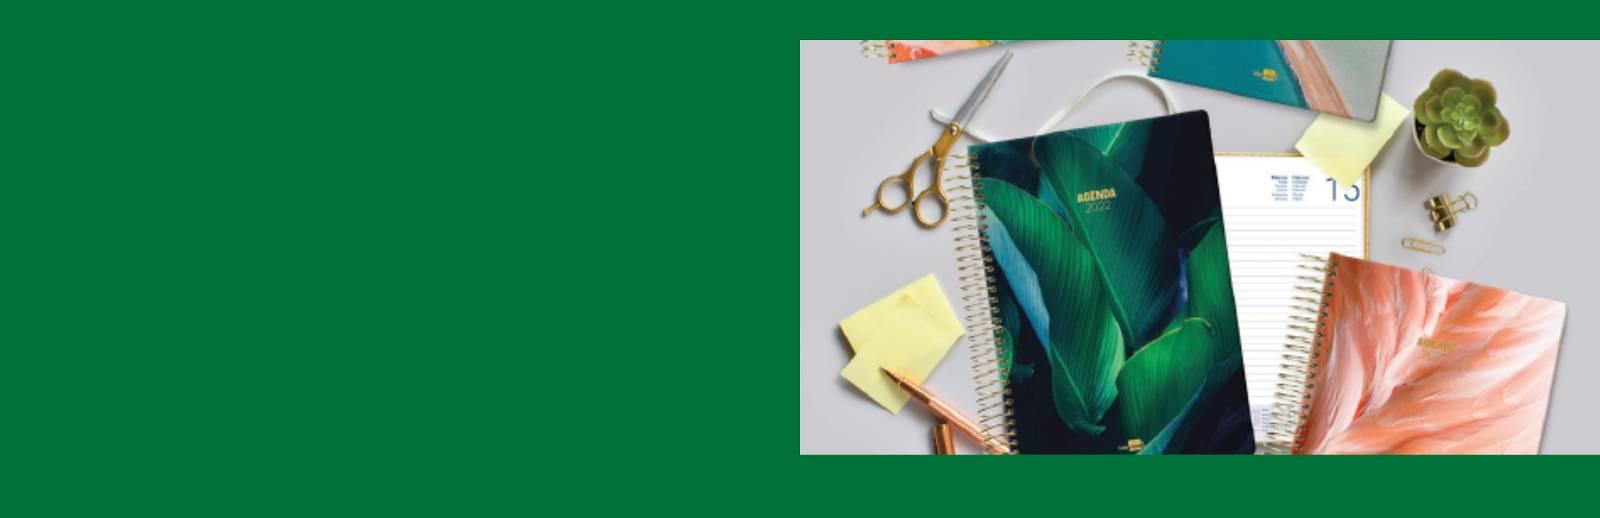 A Risco de Lápis tem agendas fantásticas para todos os gostos!